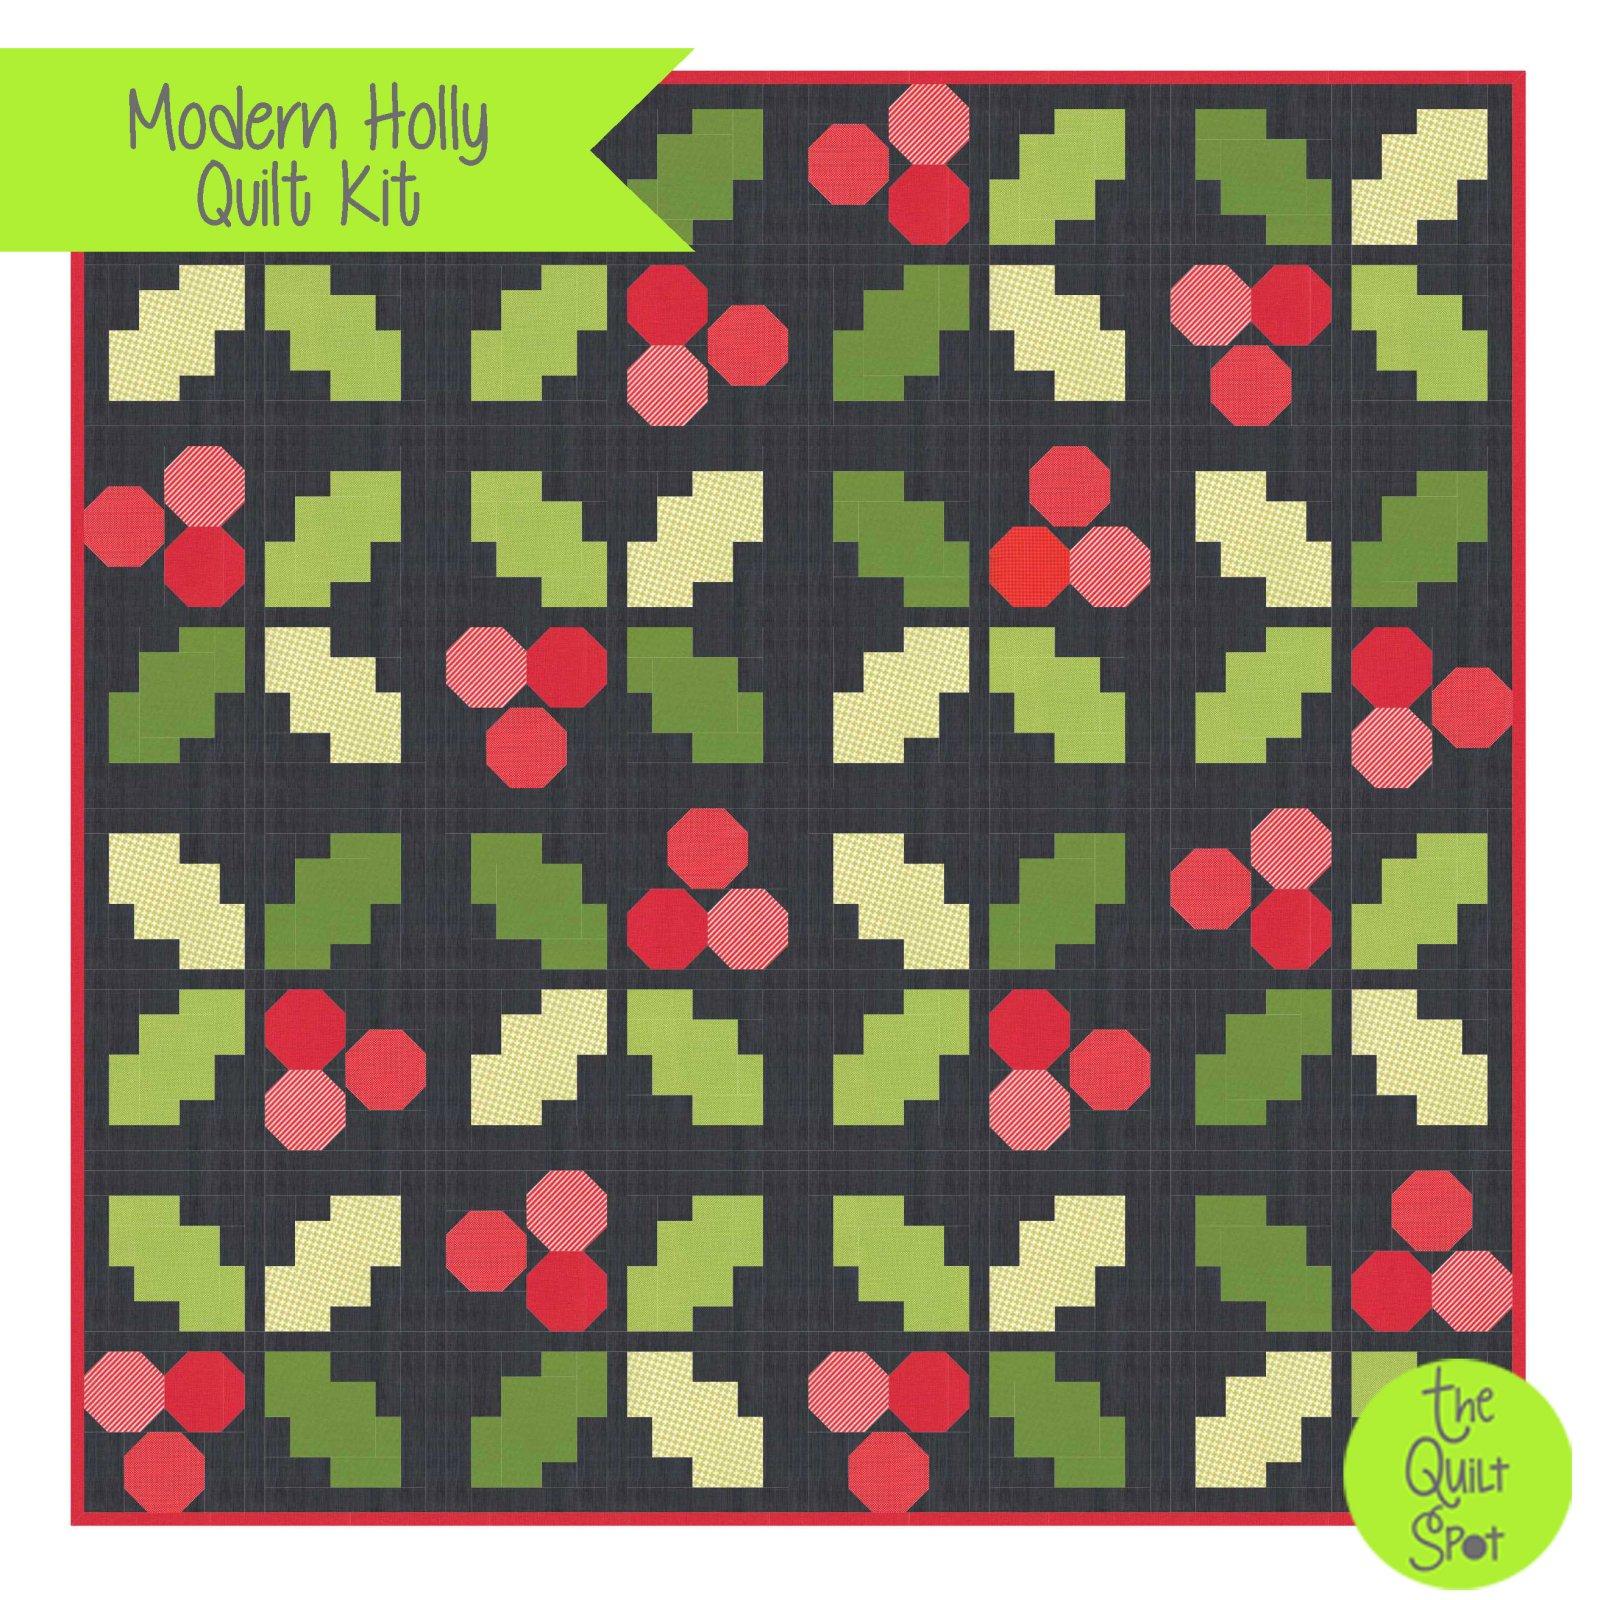 Modern Holly Quilt Kit